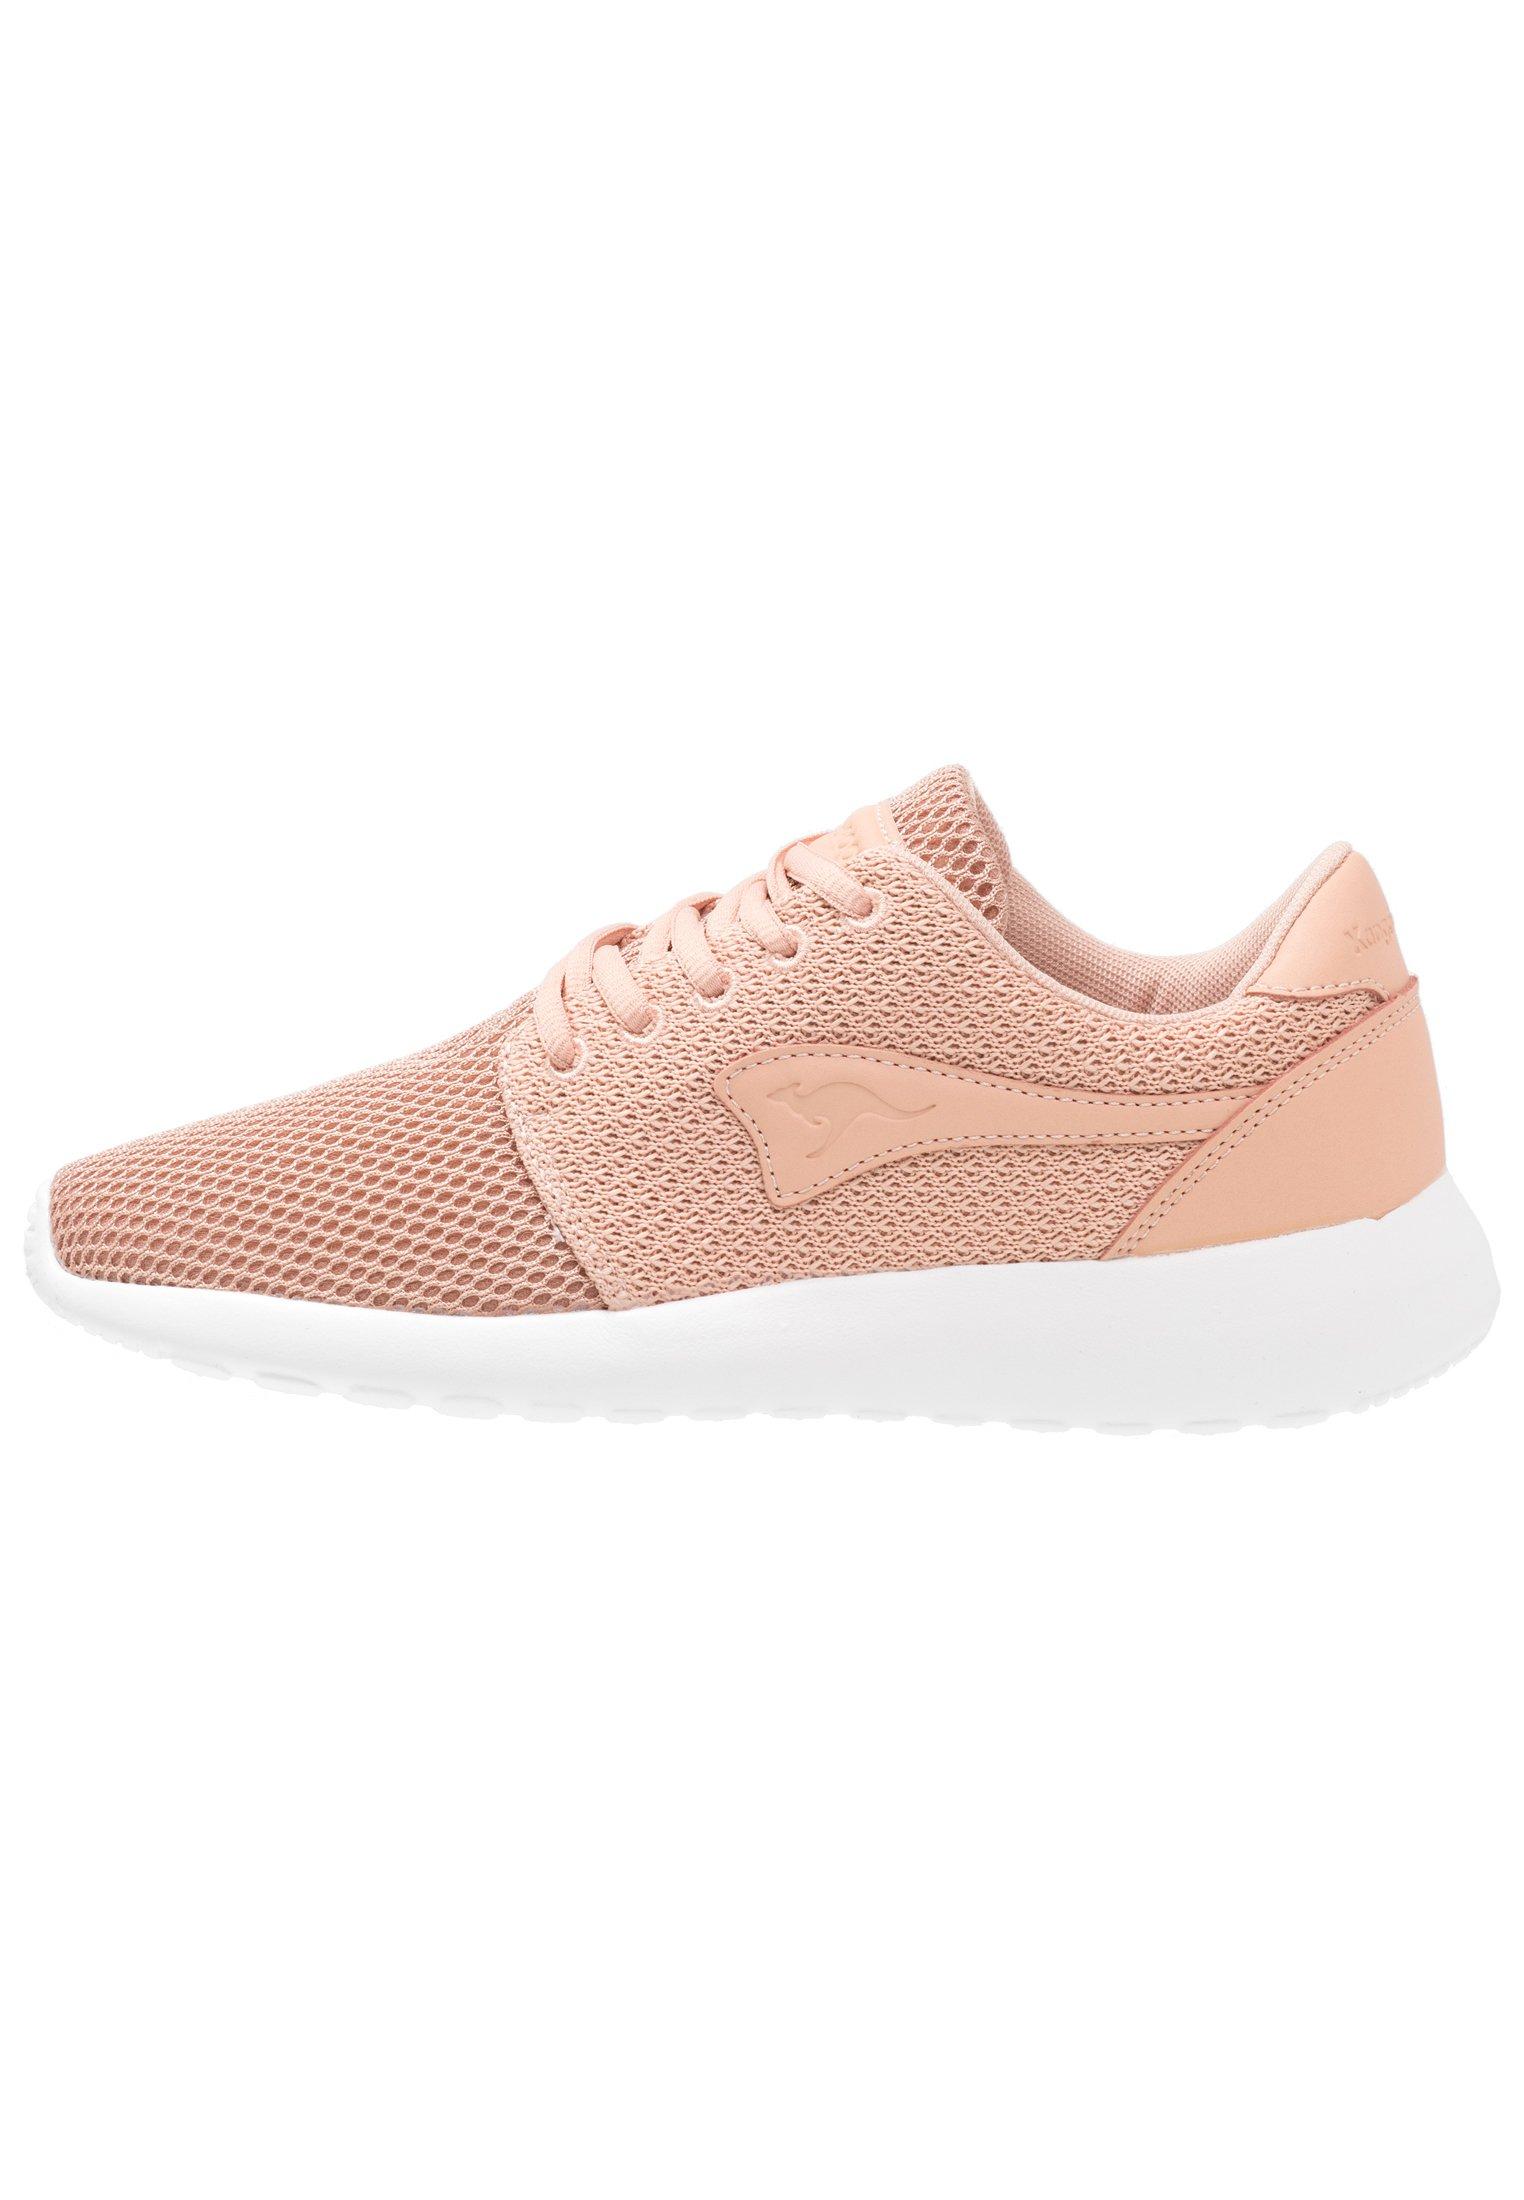 Kangaroos Mumpy - Sneaker Low Dusty Rose/rosa